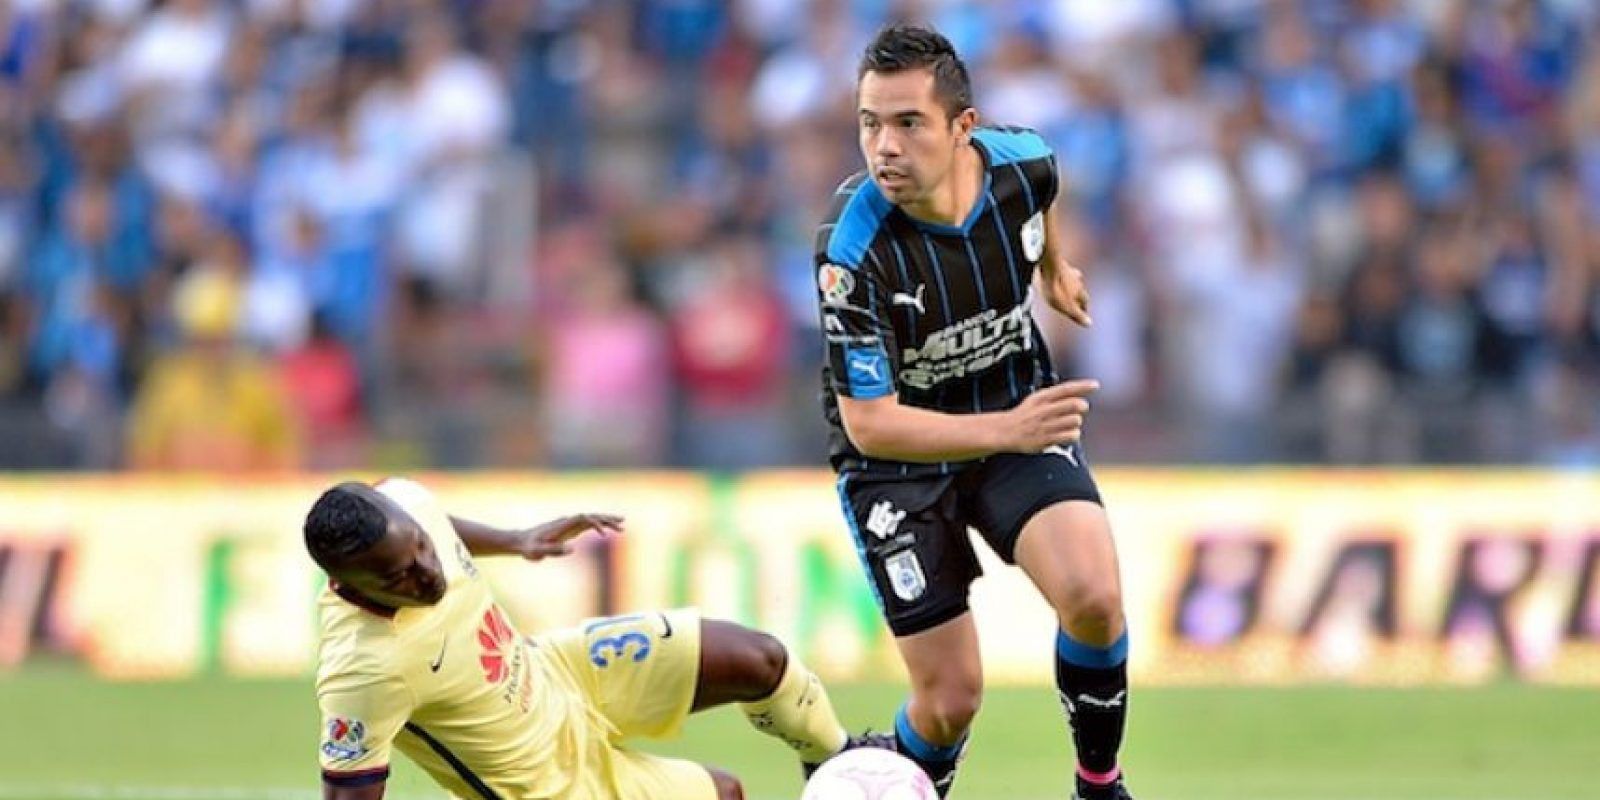 Querétaro superó al sublider América en la fecha 14 del Clausura 2016. Foto:Mexsport